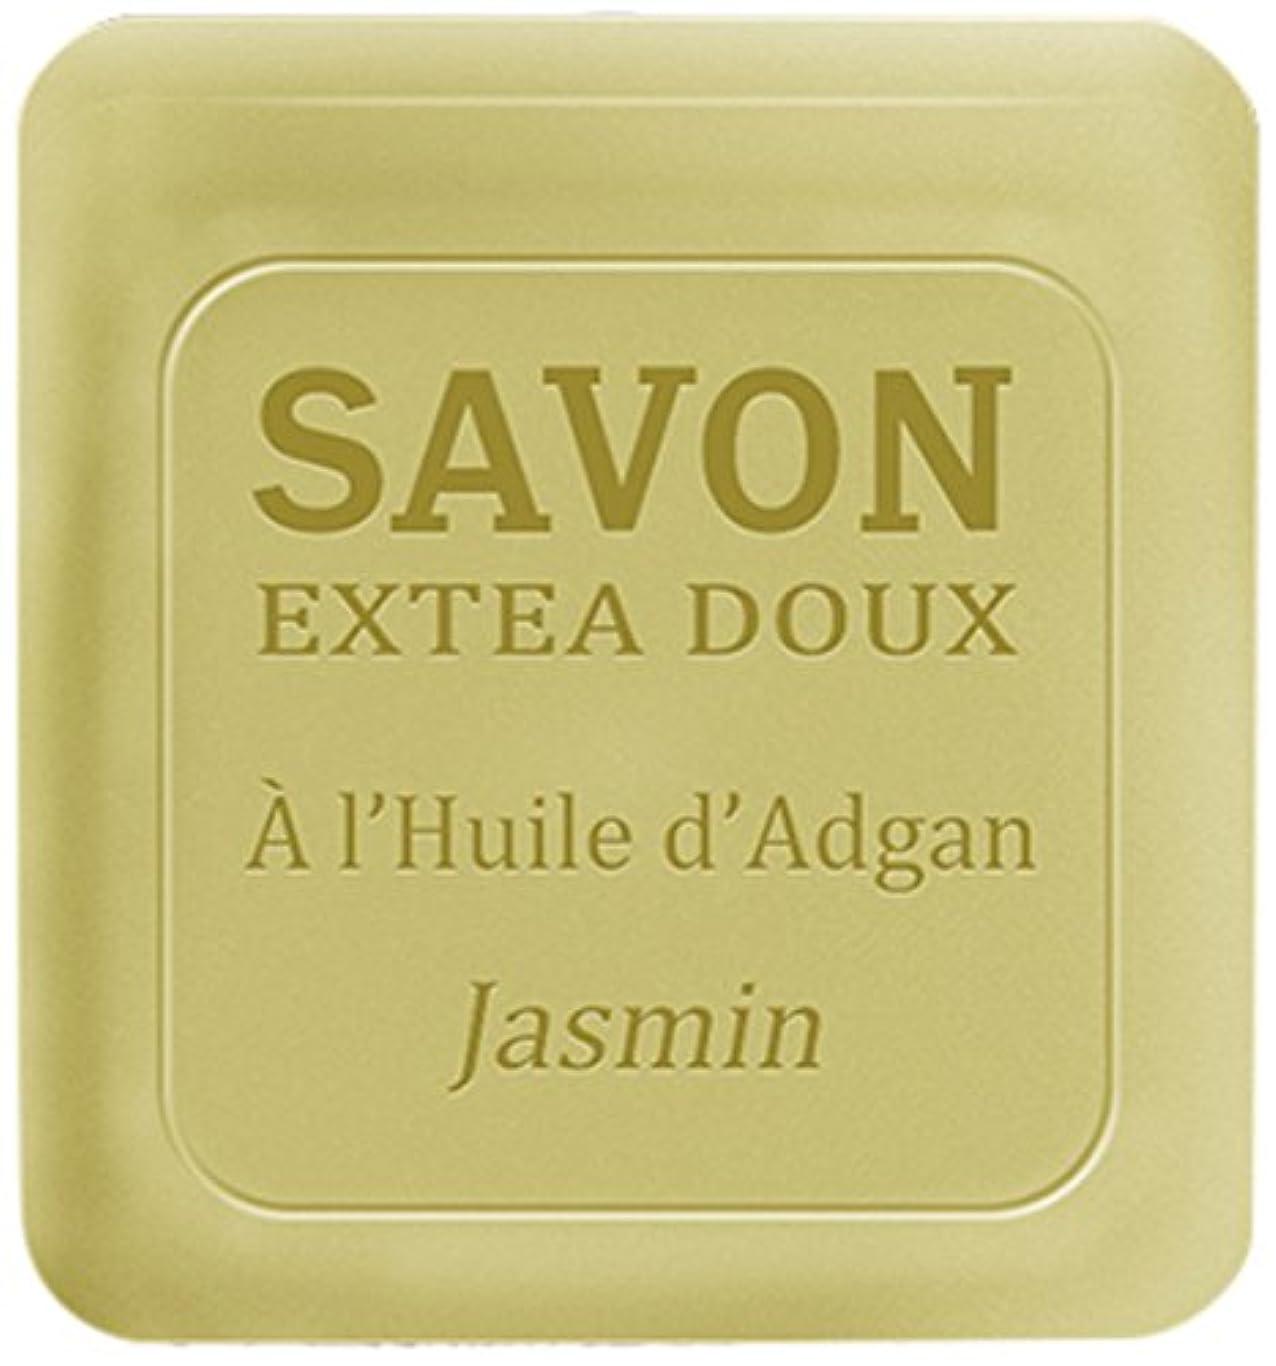 ゴミ箱を空にするオペラスリップPlantes&Parfums [プランツ&パルファム] アルガンオイルソープ100g ジャスミン